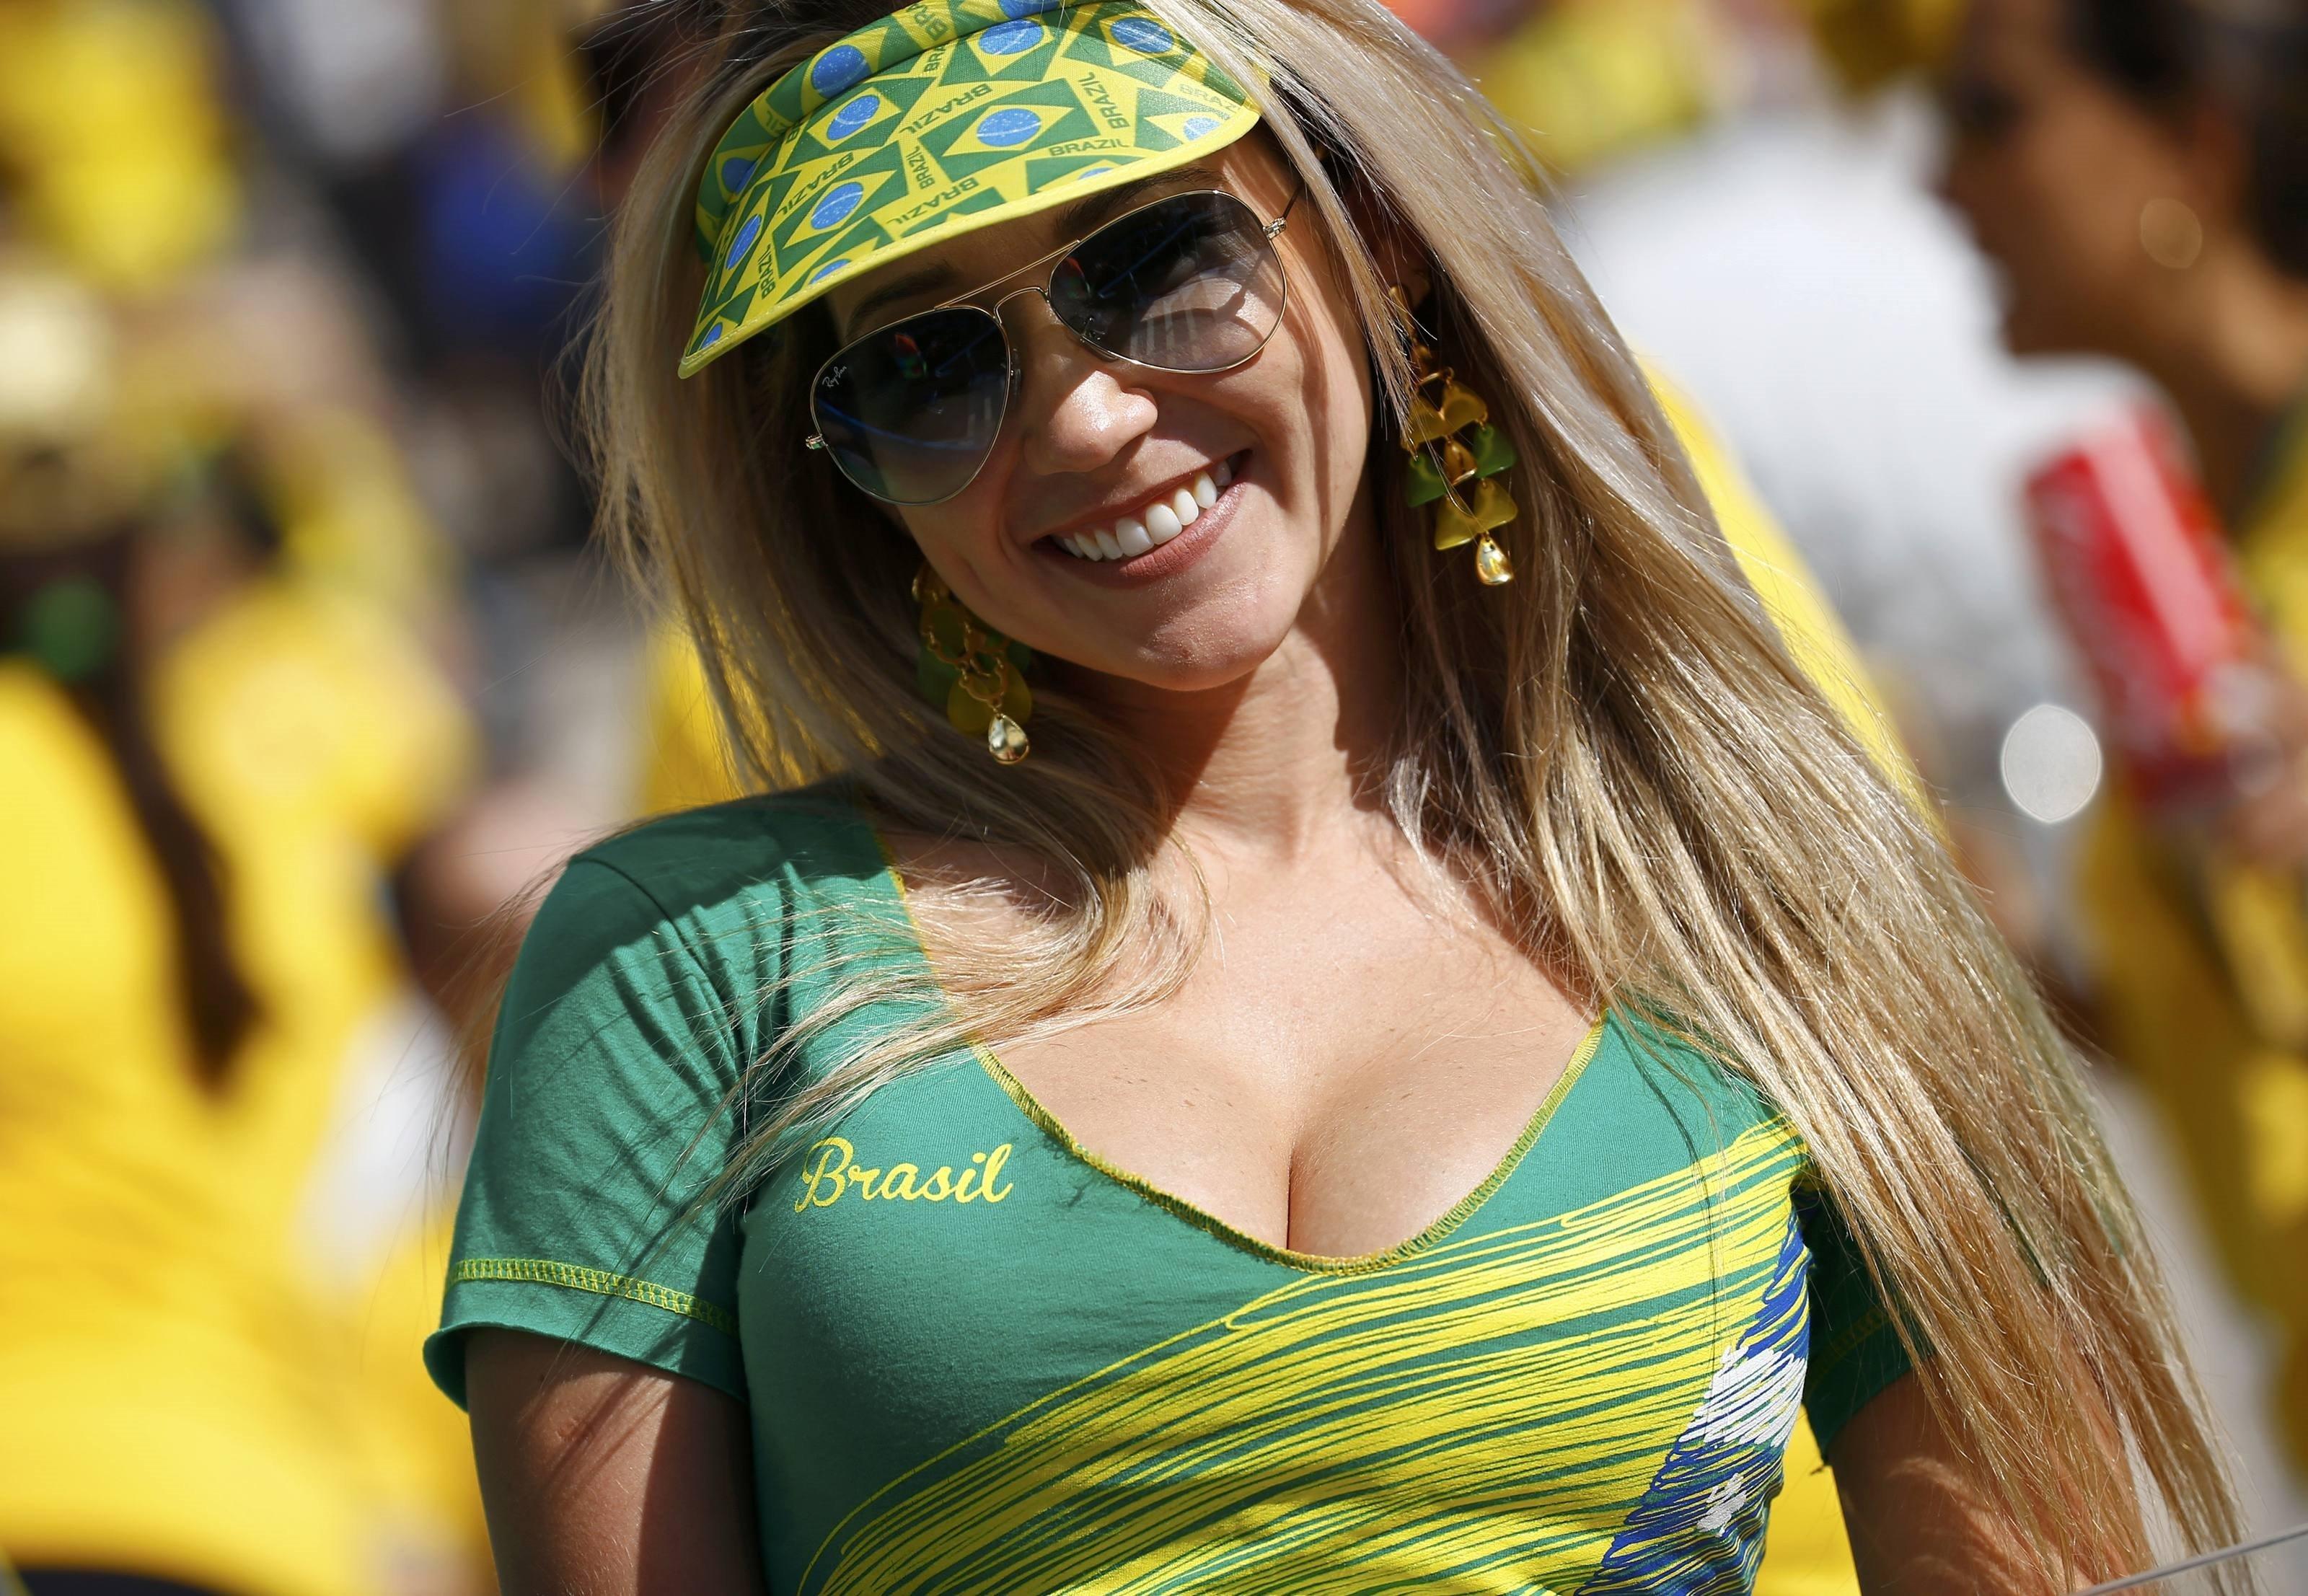 Бразилия красивая жора фото